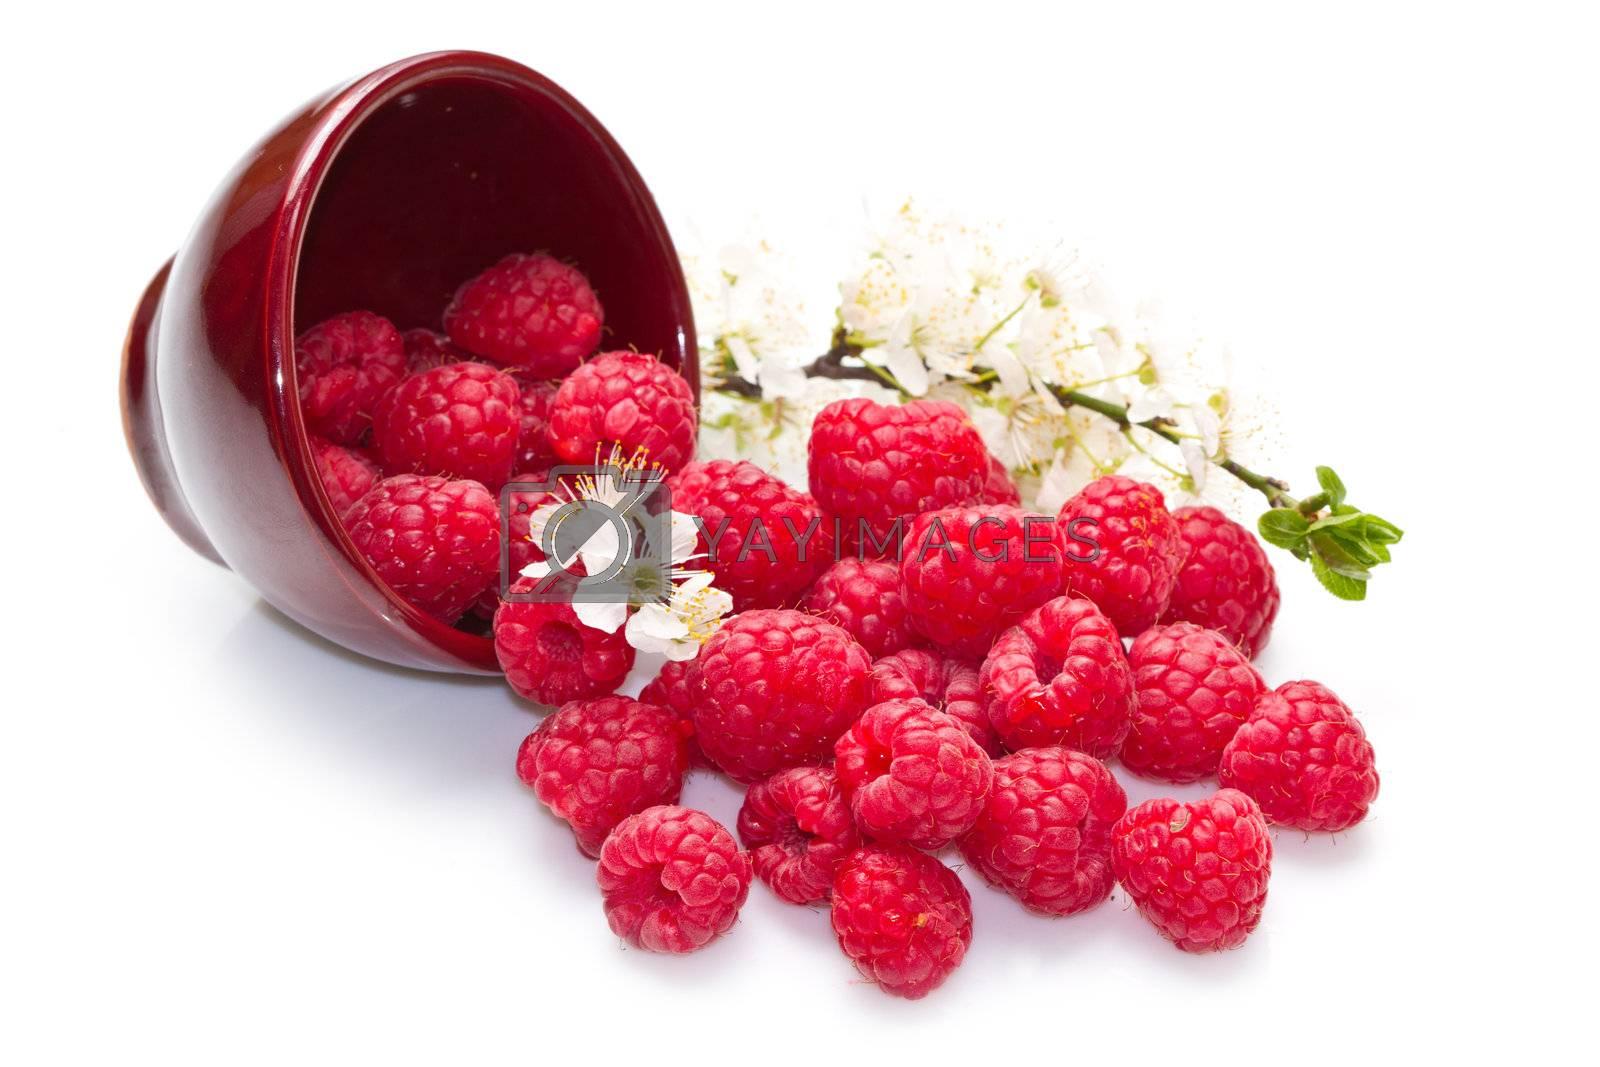 fresh raspberries scattered on white background